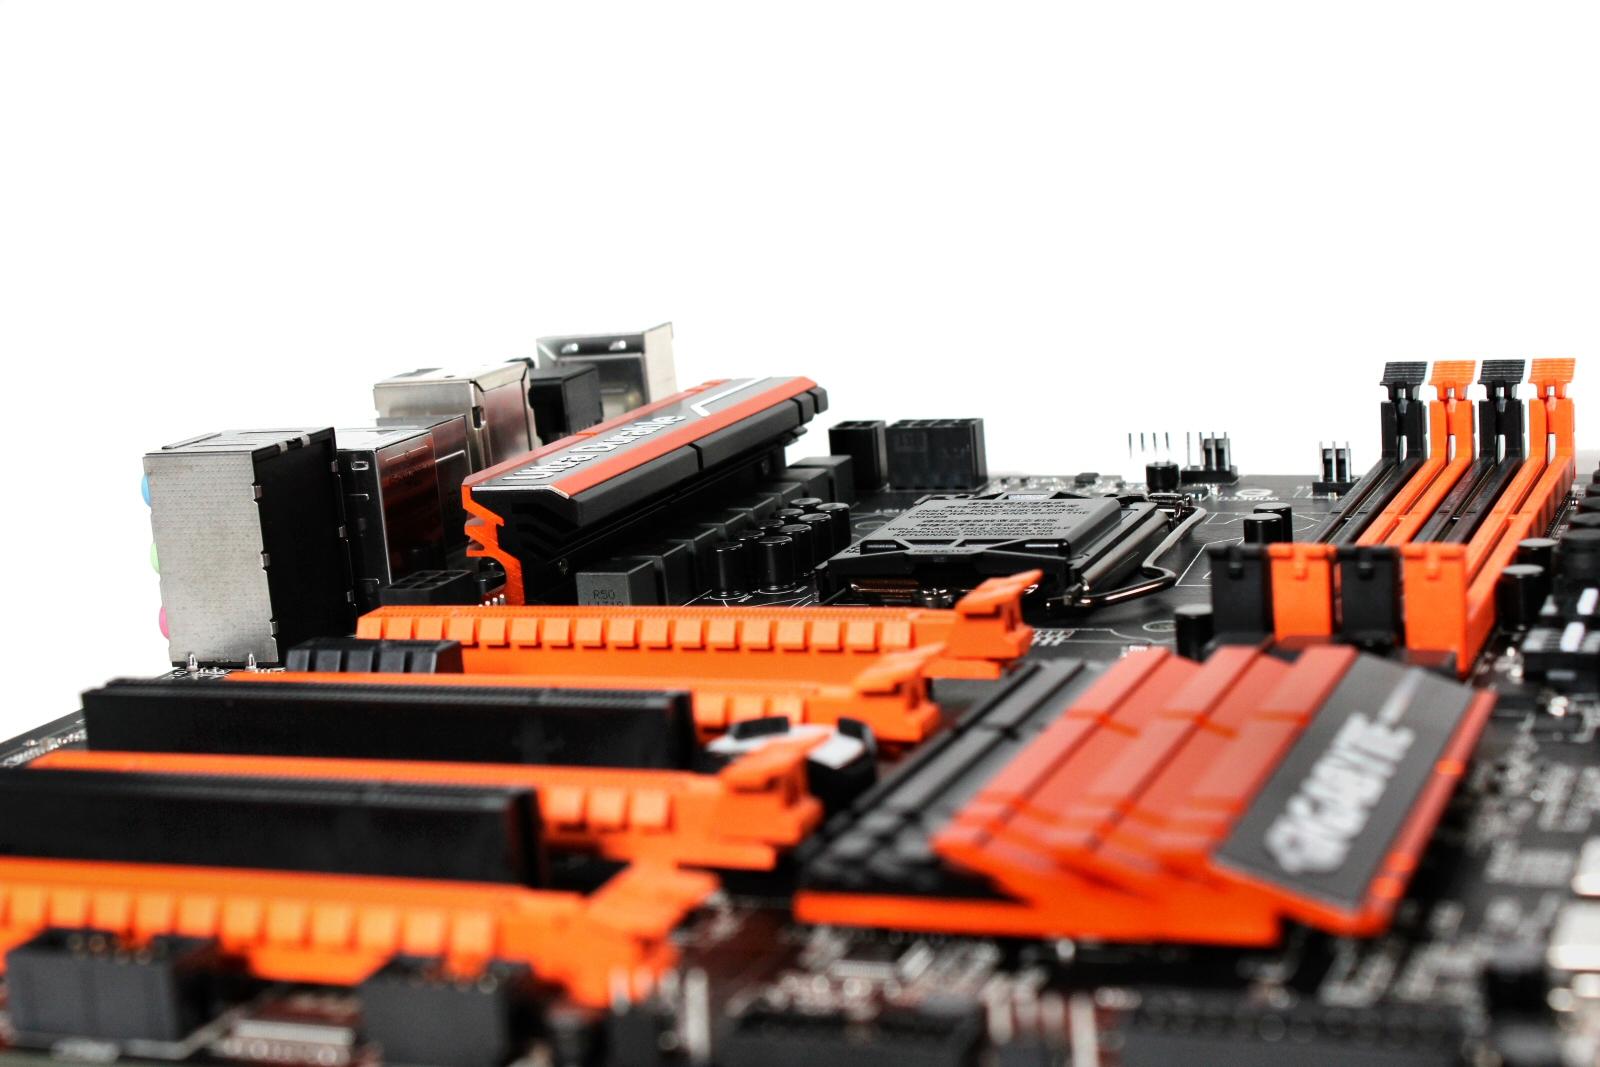 [Review] GIGABYTE Z97X-SOC Force-img_3607.jpg